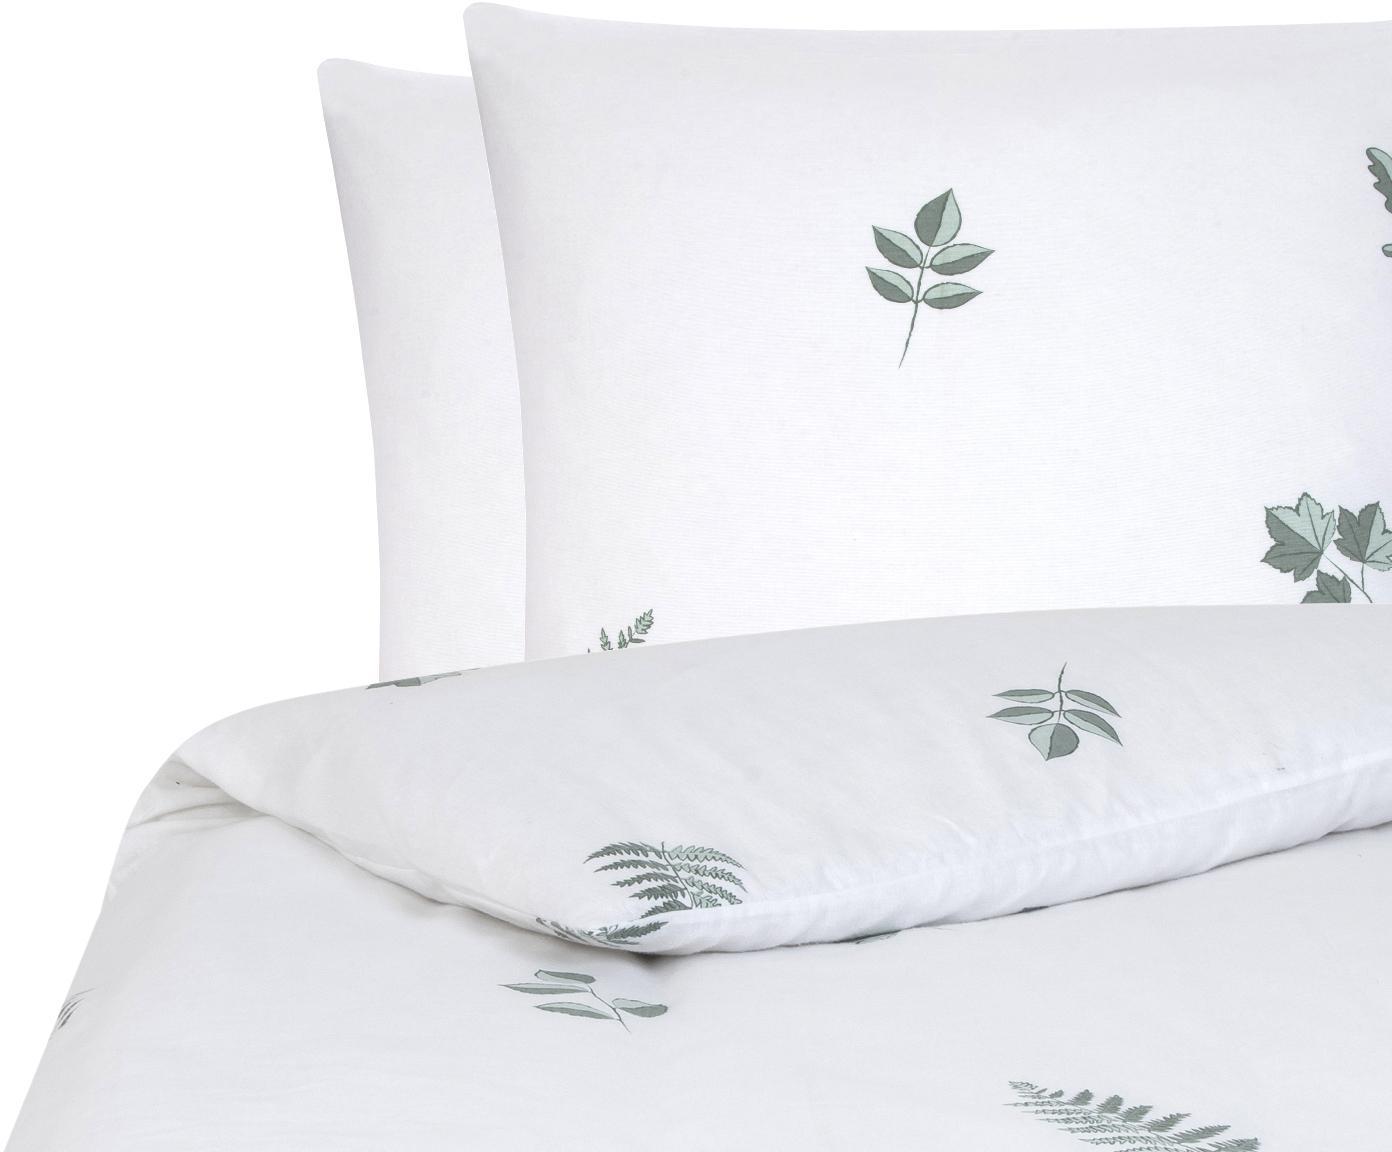 Flanell-Bettwäsche Fraser, Webart: Flanell Flanell ist ein s, Salbeigrün, Weiß, 200 x 200 cm + 2 Kissen 80 x 80 cm